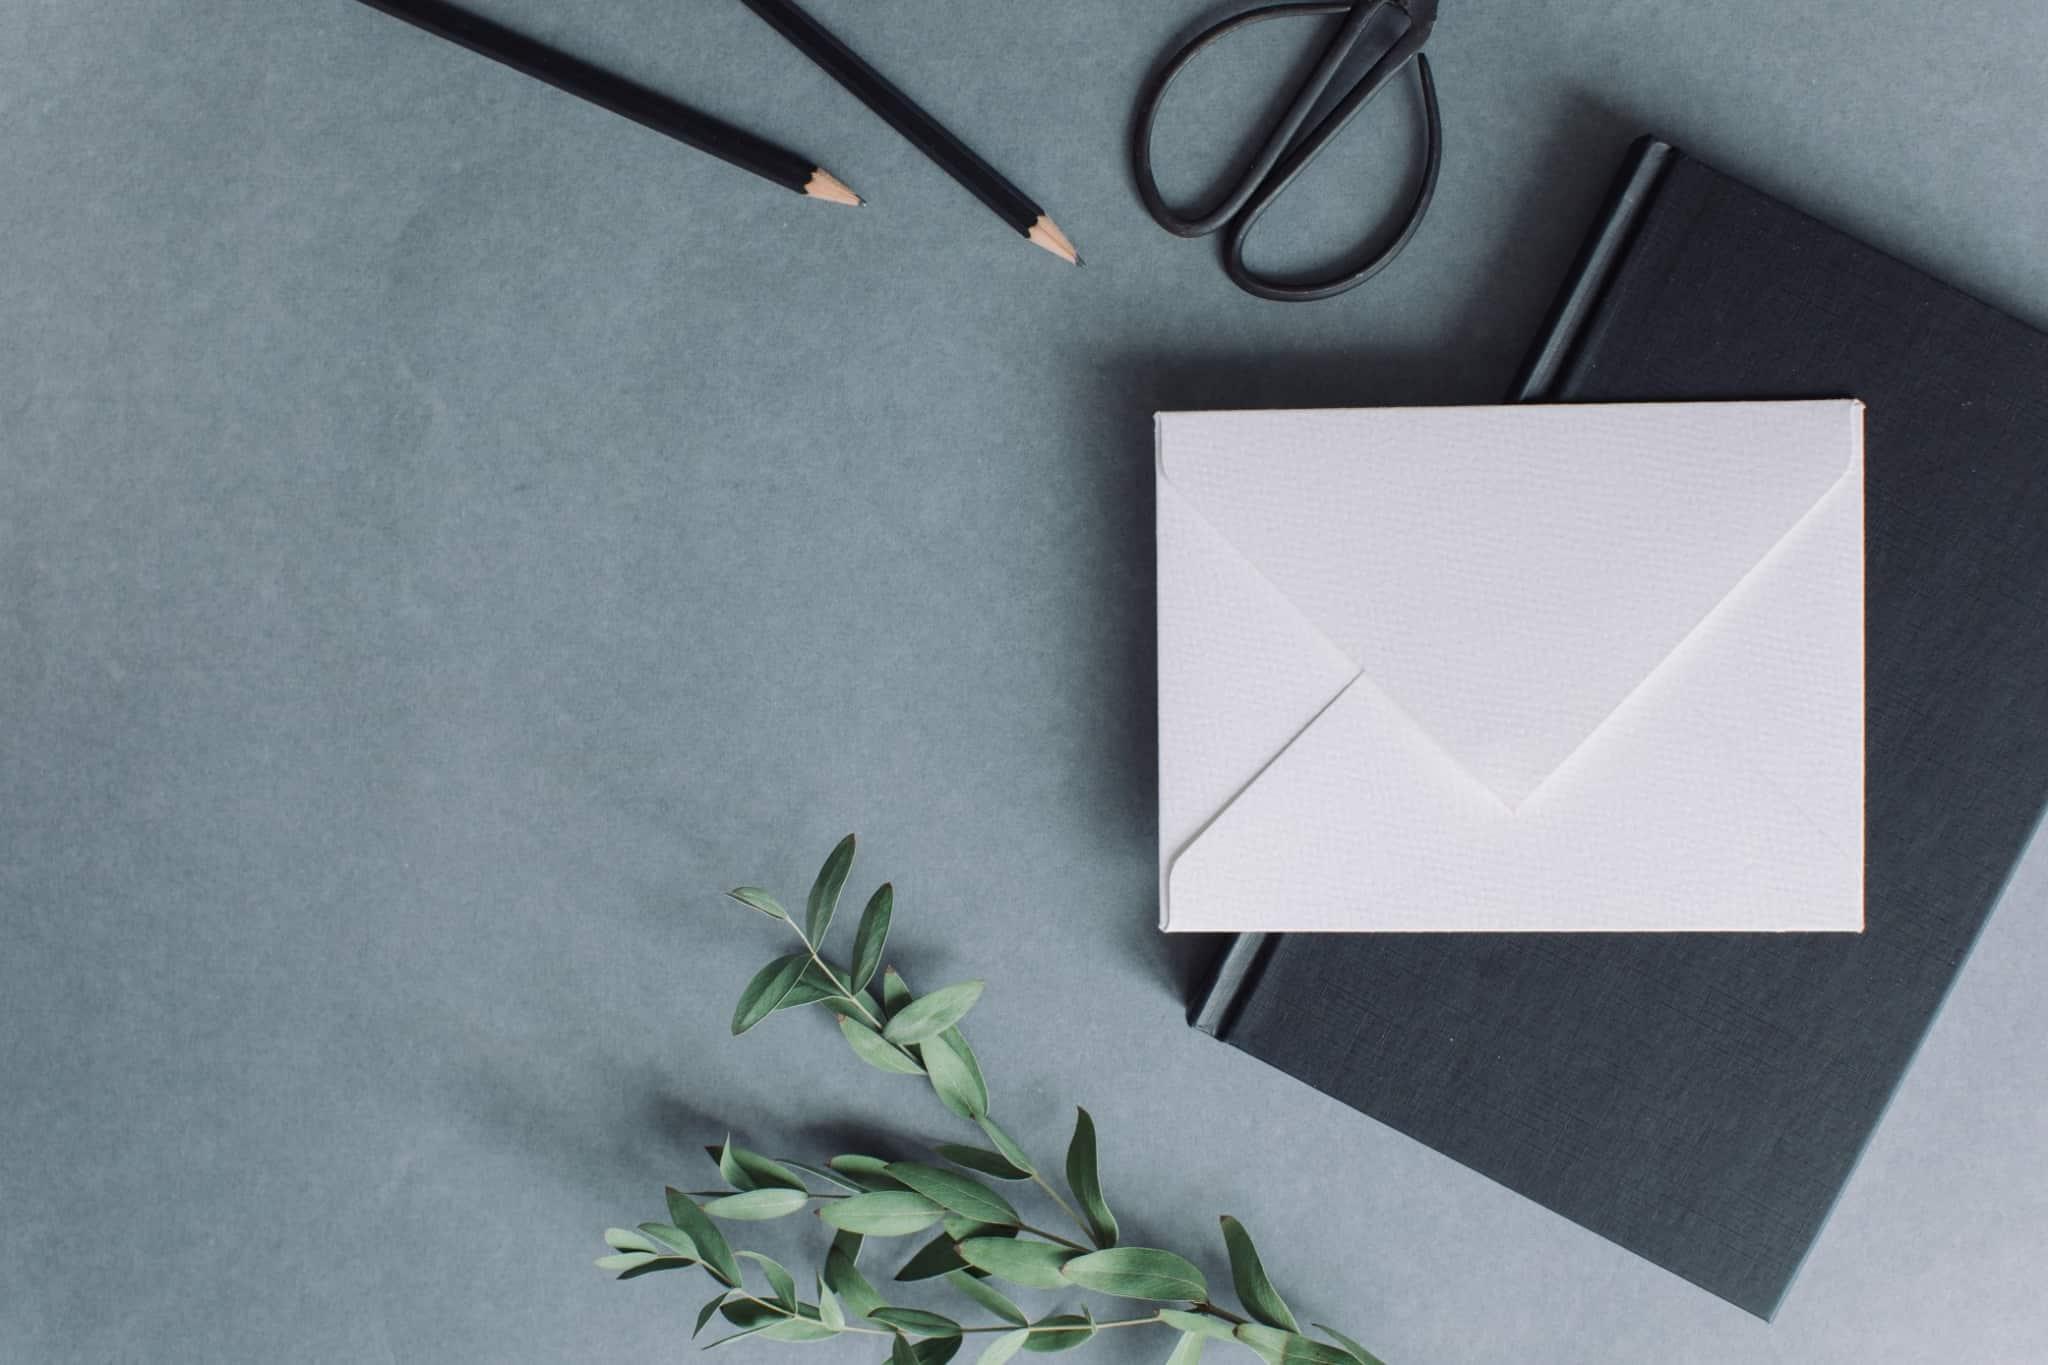 envelope branco em cima de um caderno preto